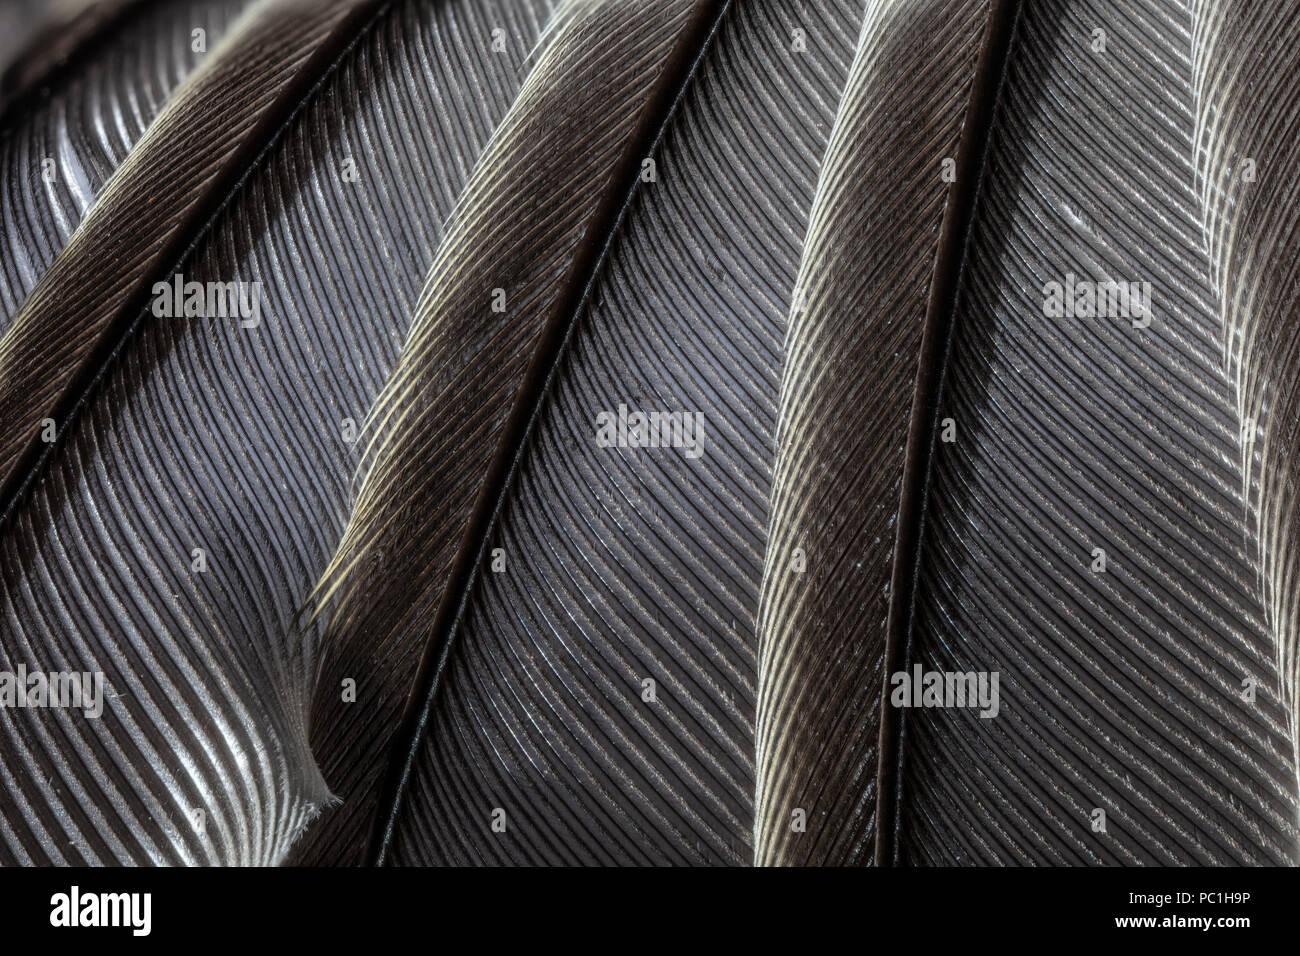 Plumes des ailes d'oiseaux de l'ECU Photo Stock